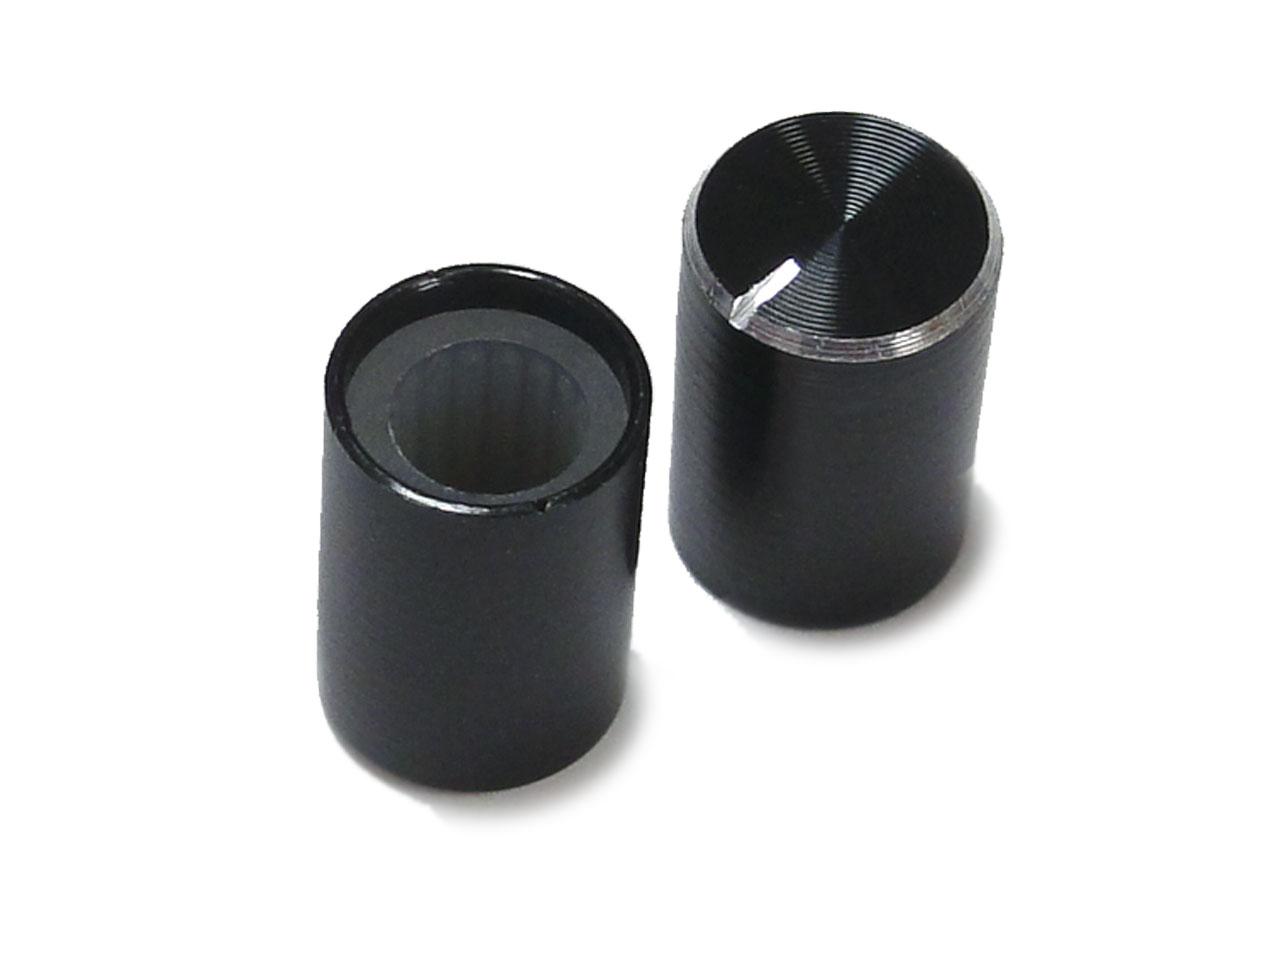 Φ10mm★アルミボリュームツマミ 2個セット[6mmローレット軸用]